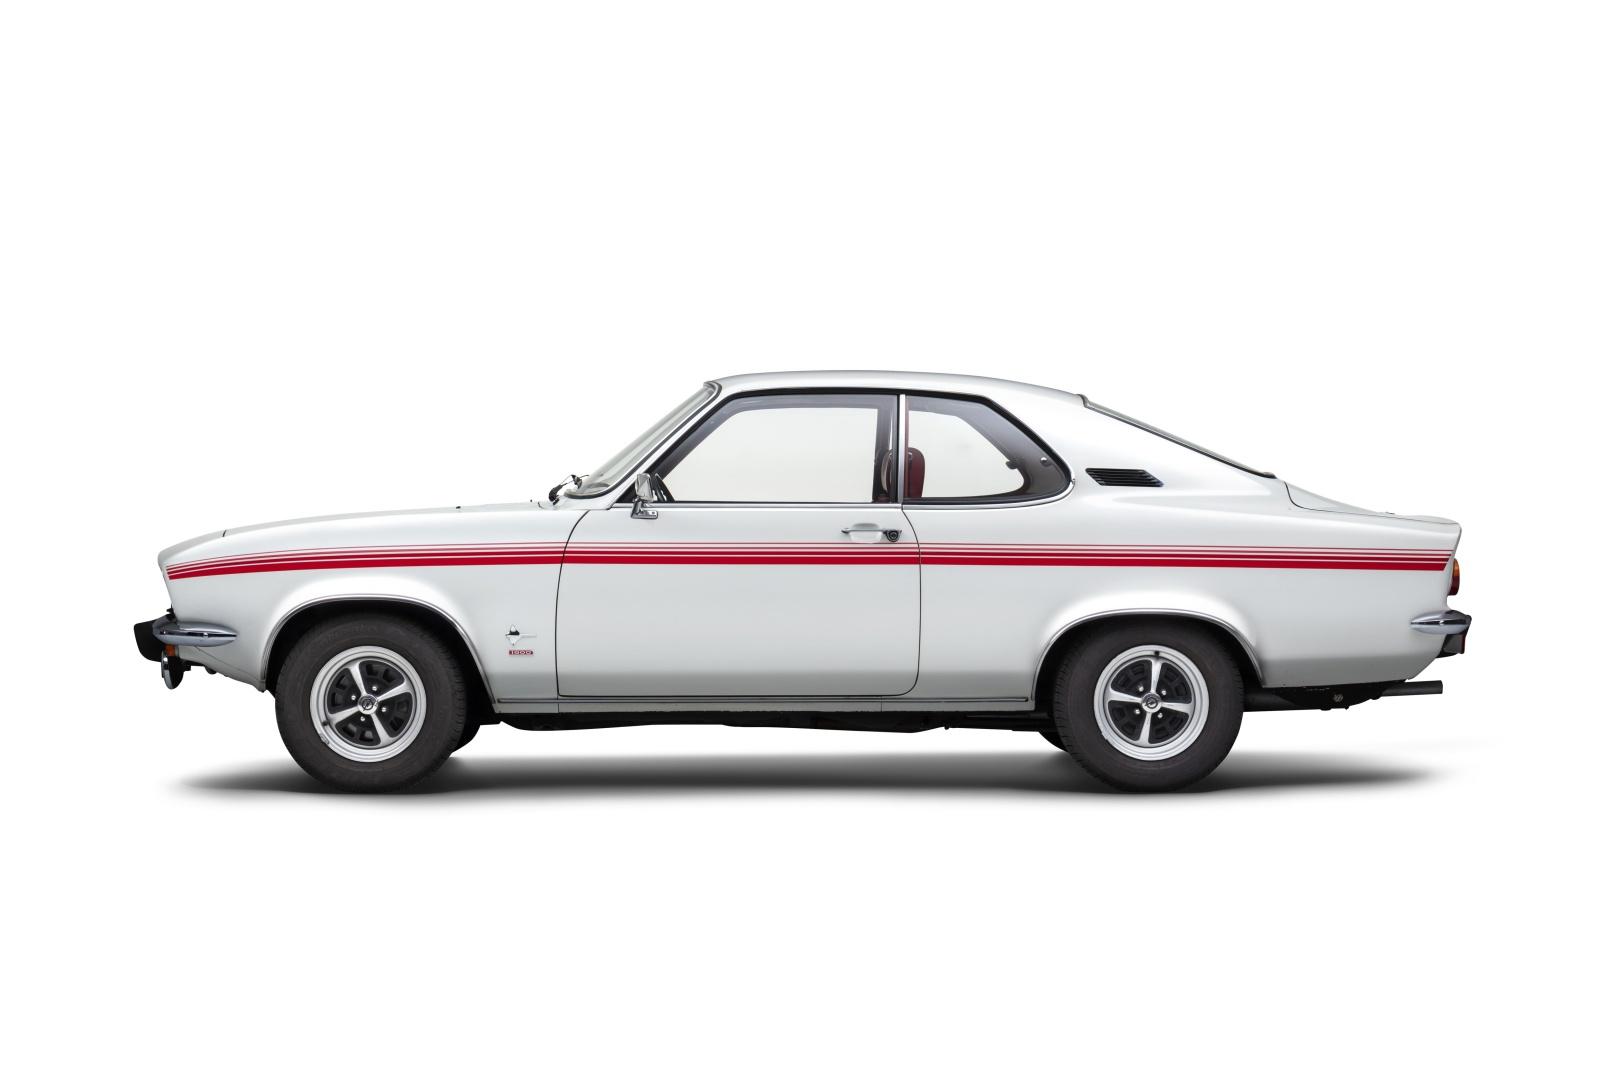 Opel Manta pierwsza generacja - bok, profil